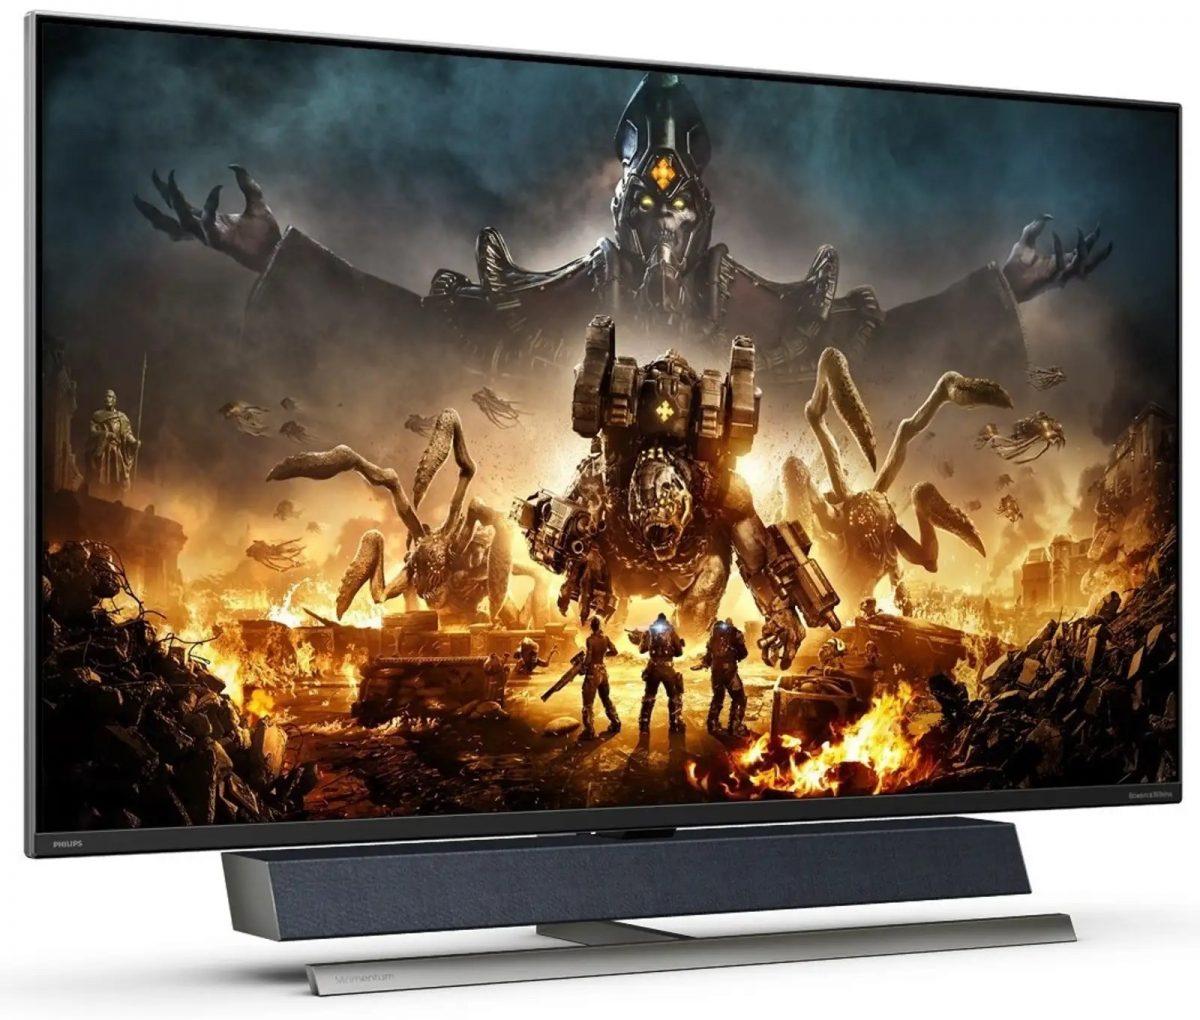 Представлен первый телевизор, «идеально подходящий» для игры на новейших Xbox Series X и S